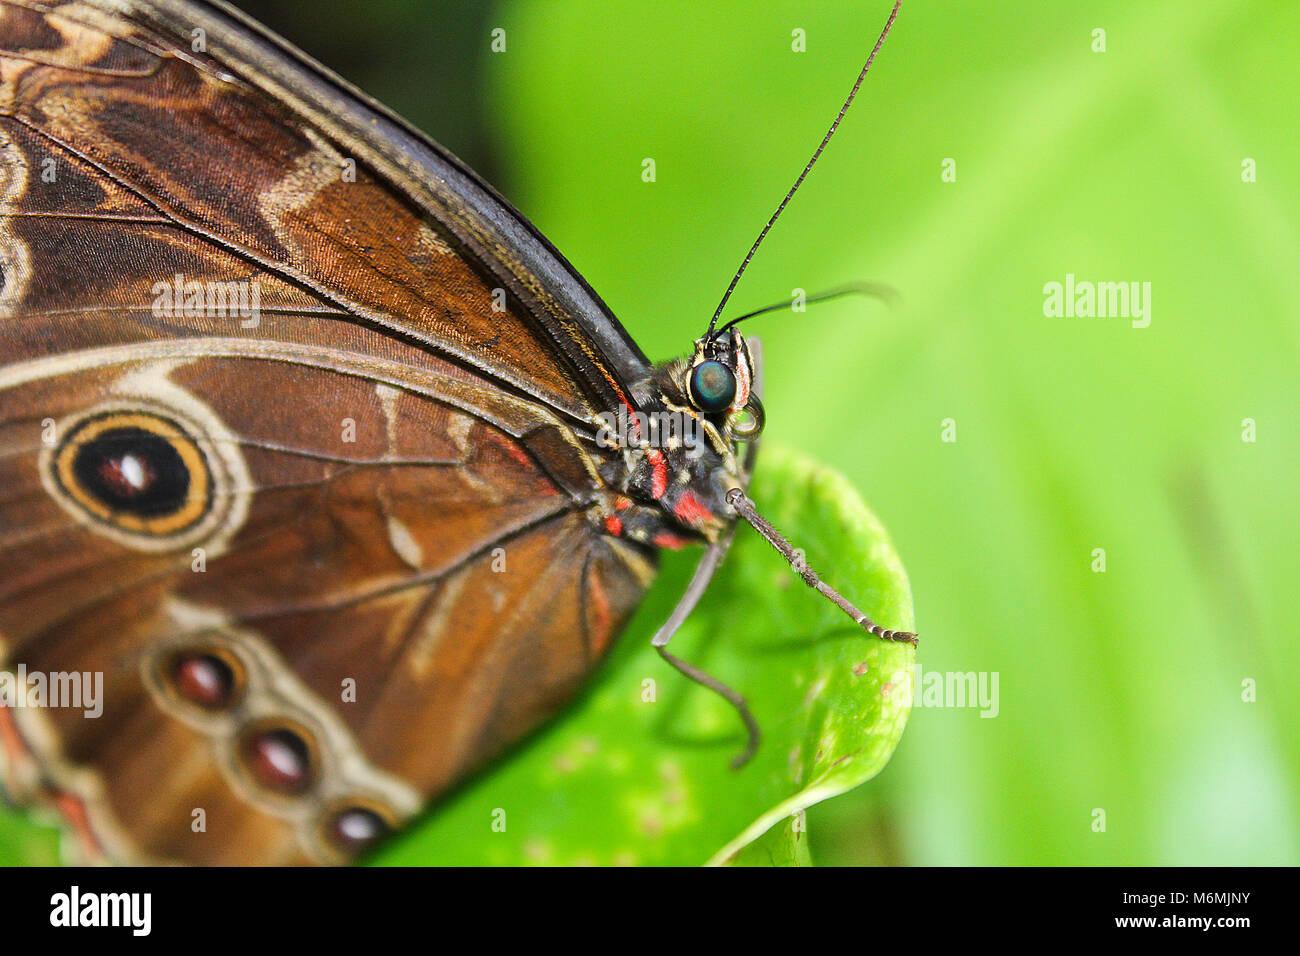 Big brown butterfly sur le bord d'leaef vert Banque D'Images